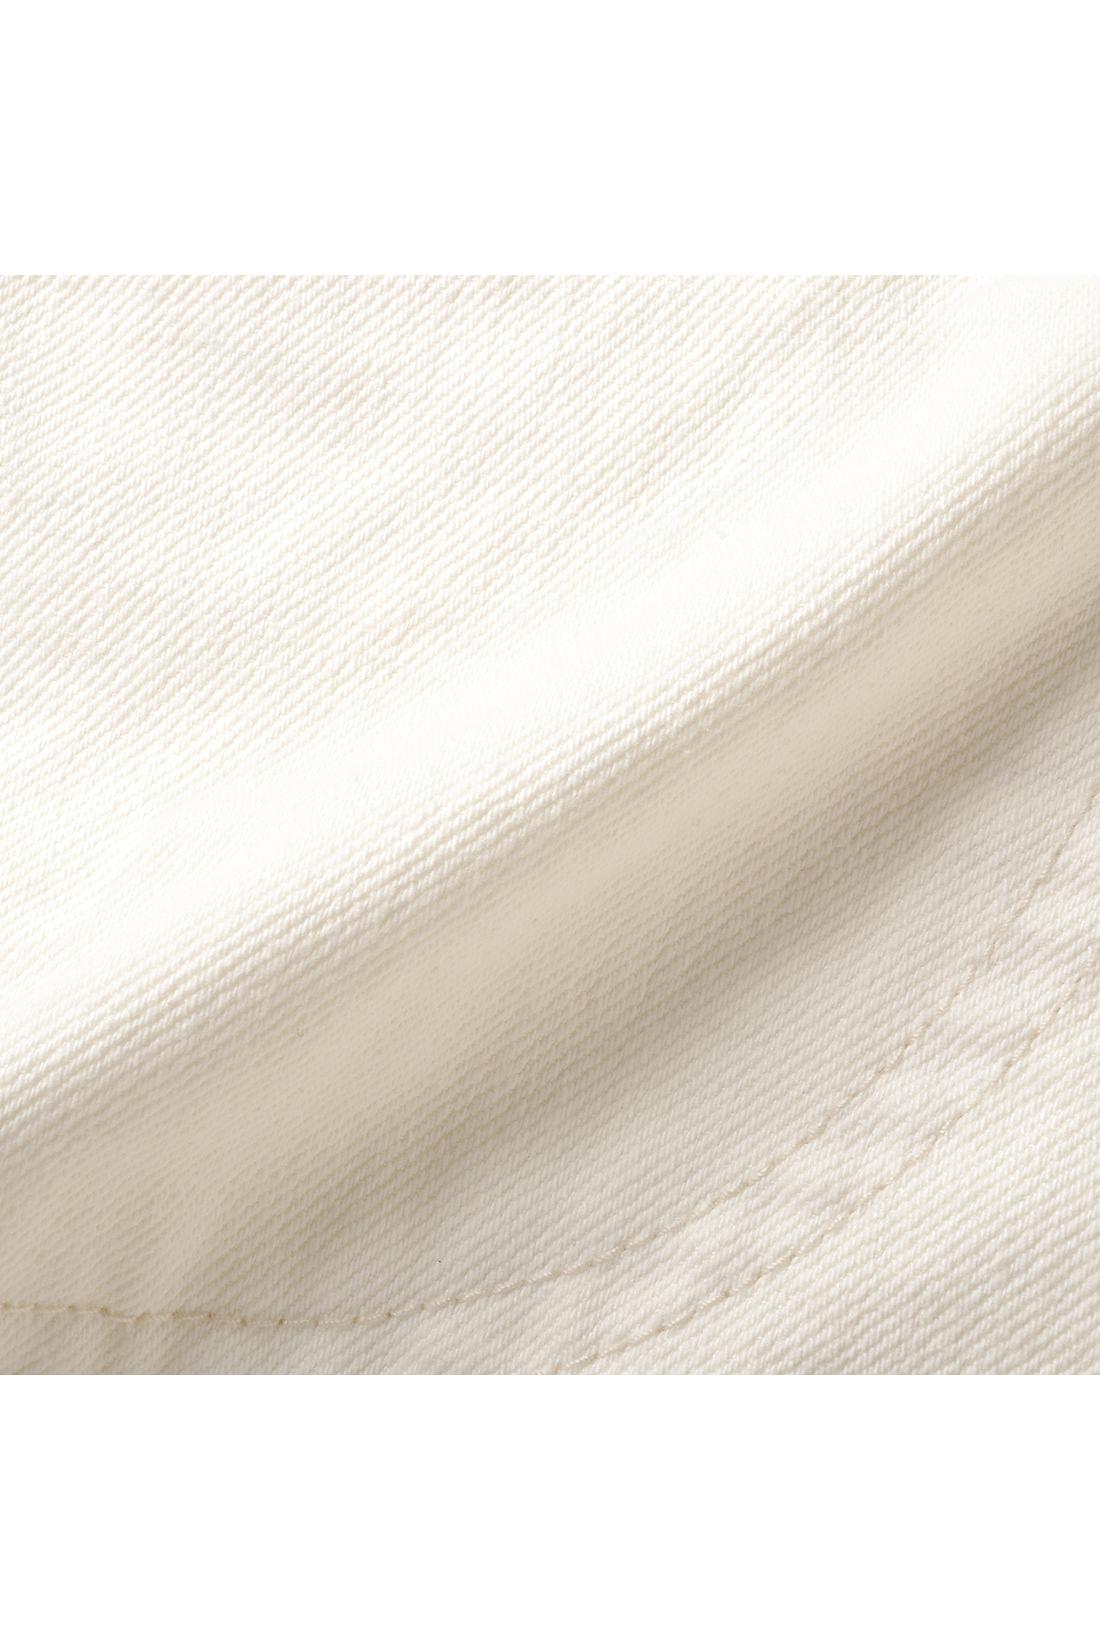 ムラ糸カツラギはほどよい厚みでカジュアルなはき心地。